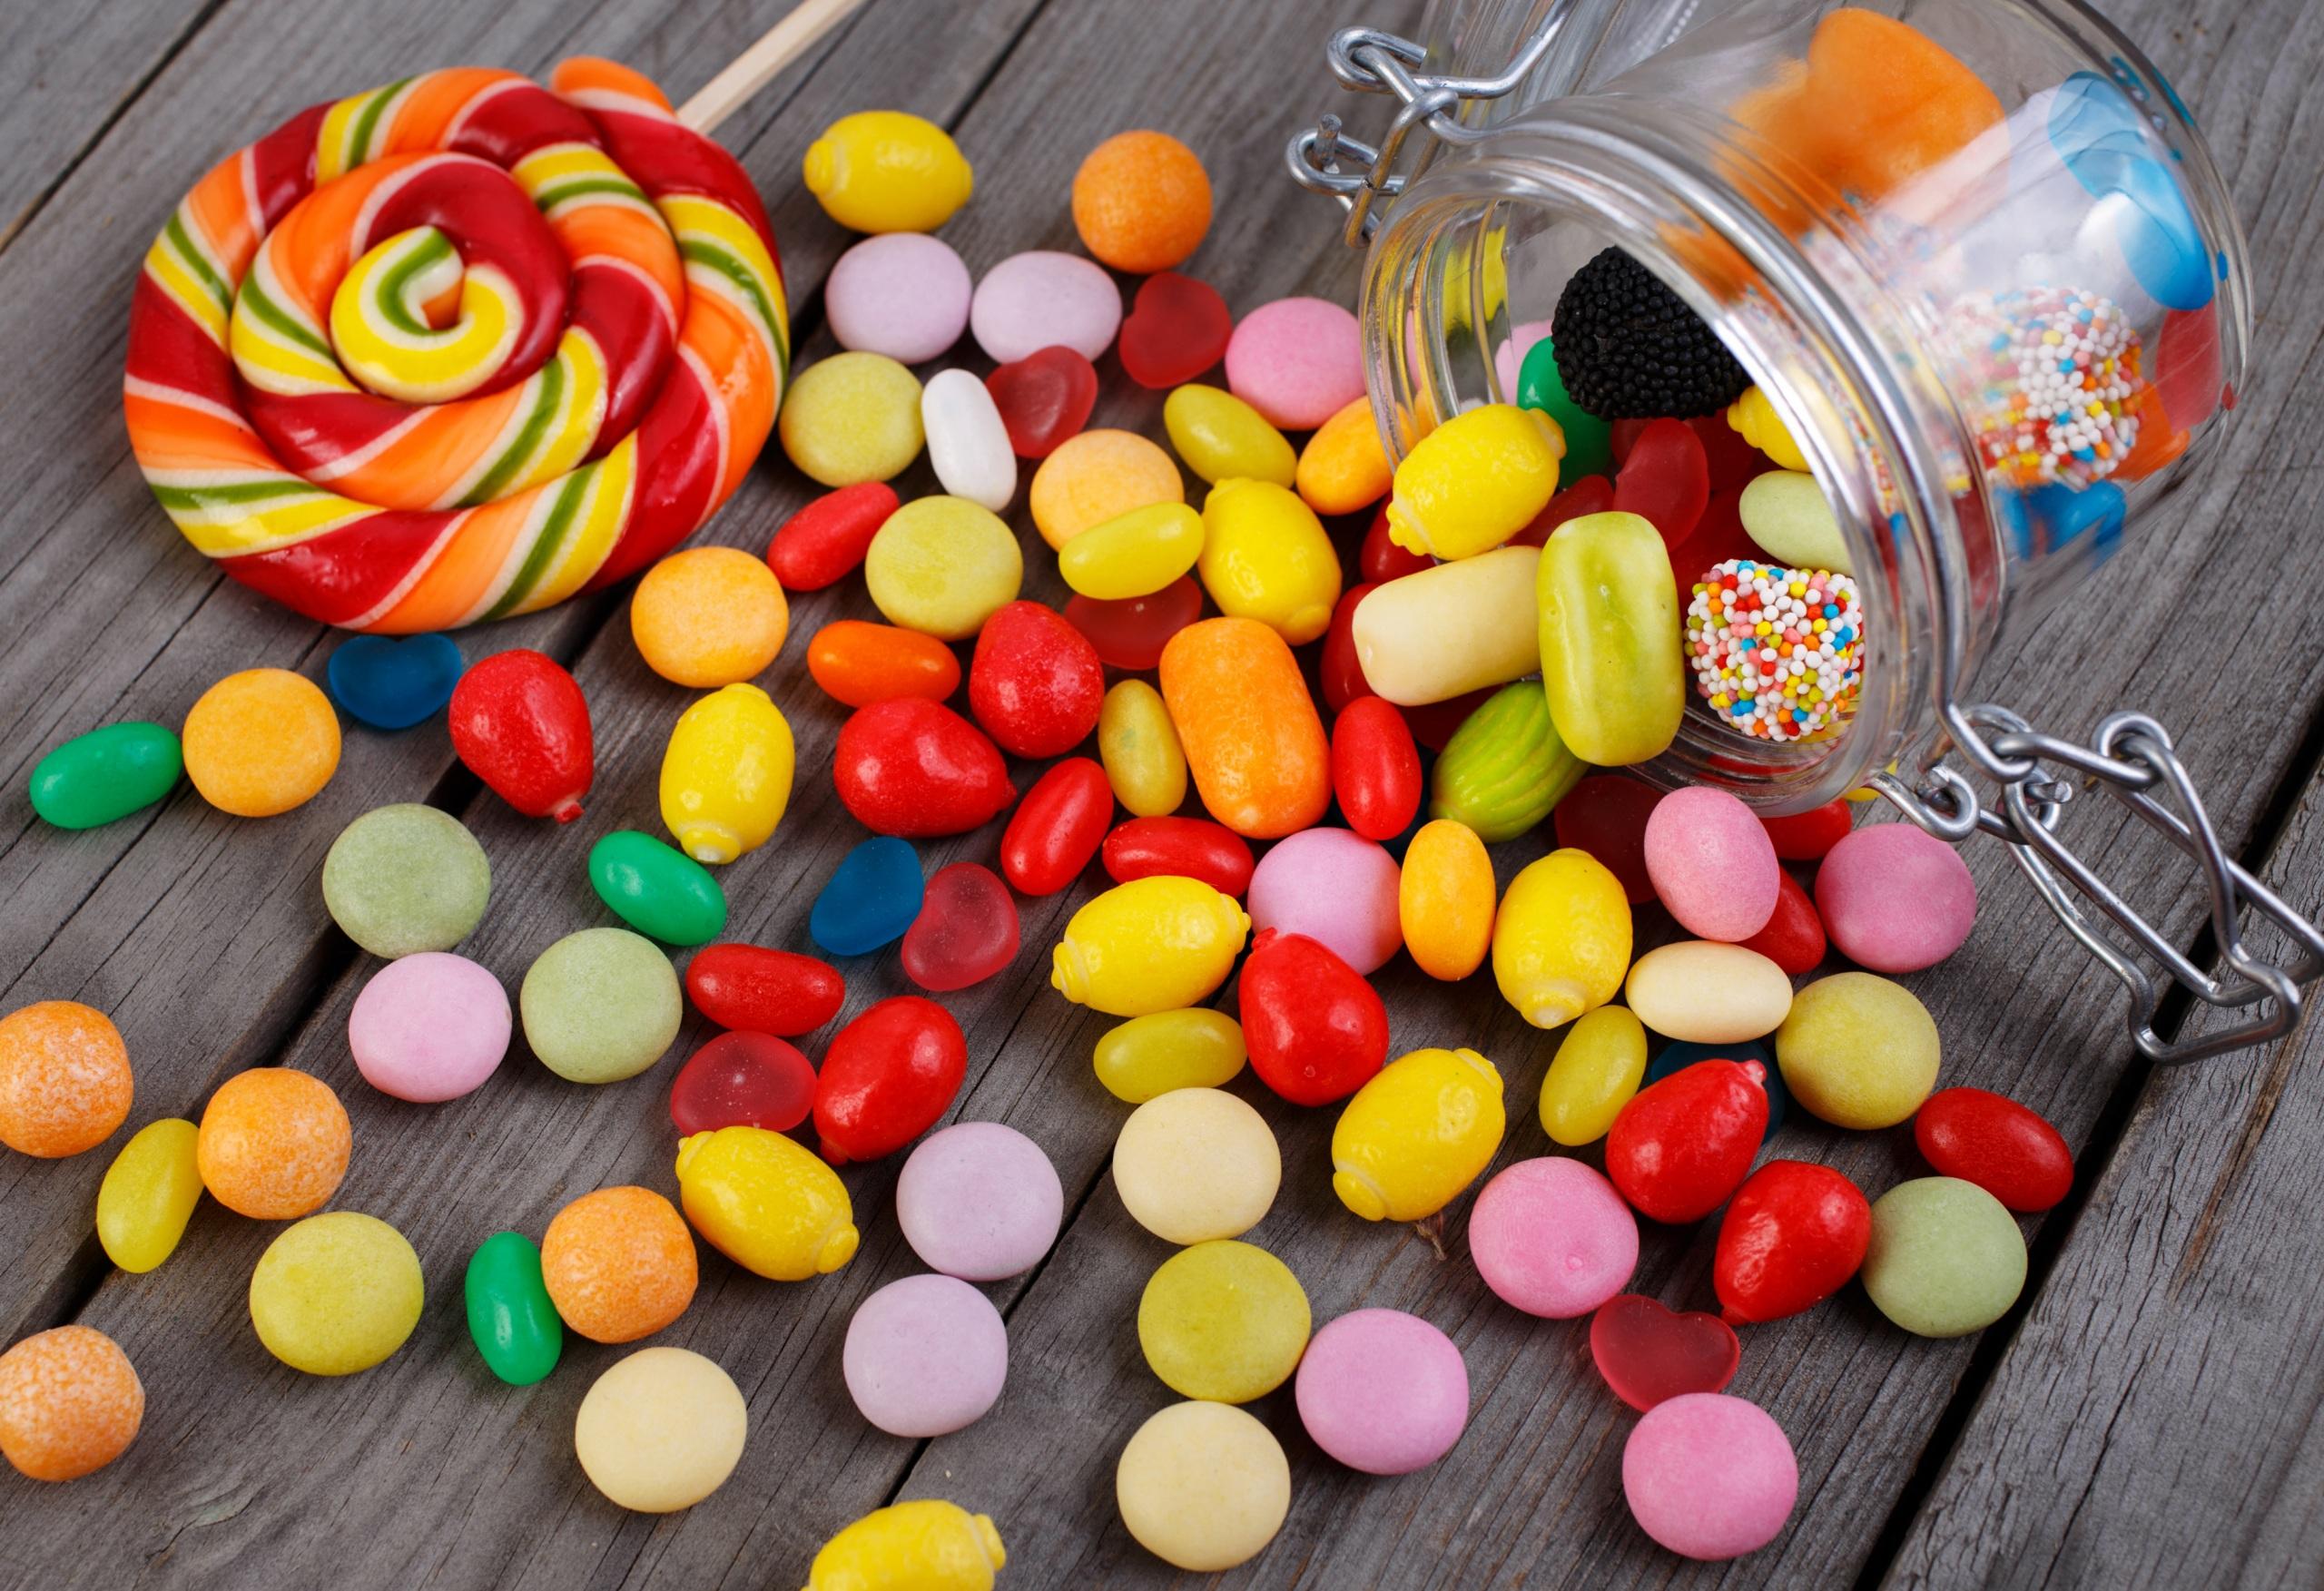 Картинка Еда Леденцы Конфеты Доски банки Сладости Драже 2560x1753 Пища Продукты питания Банка банке сладкая еда